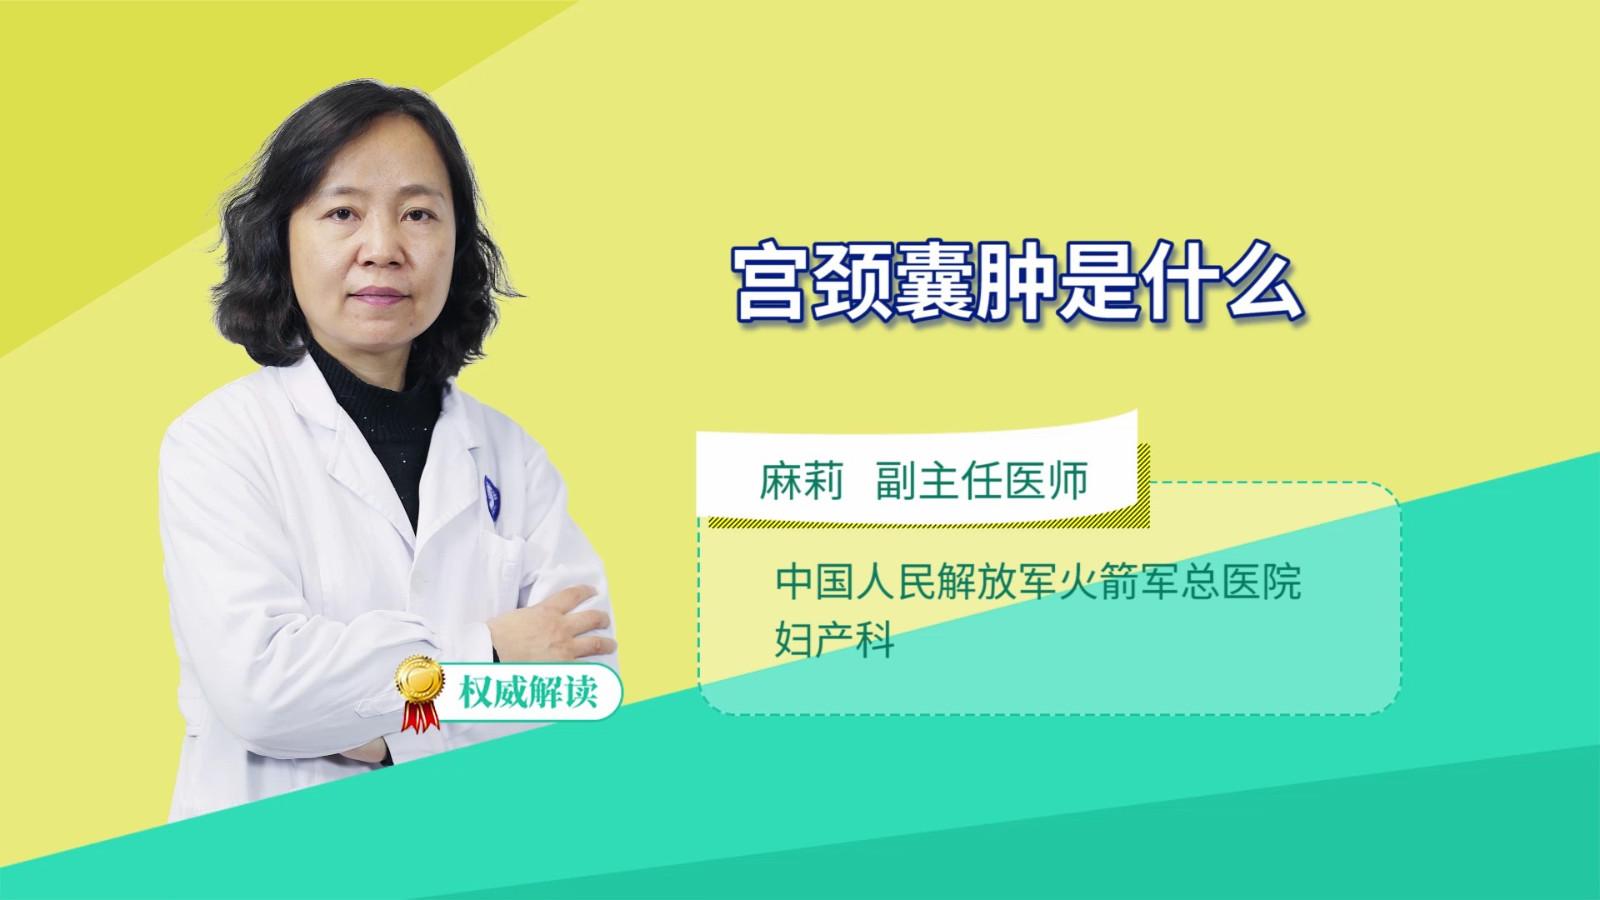 宫颈囊肿是什么